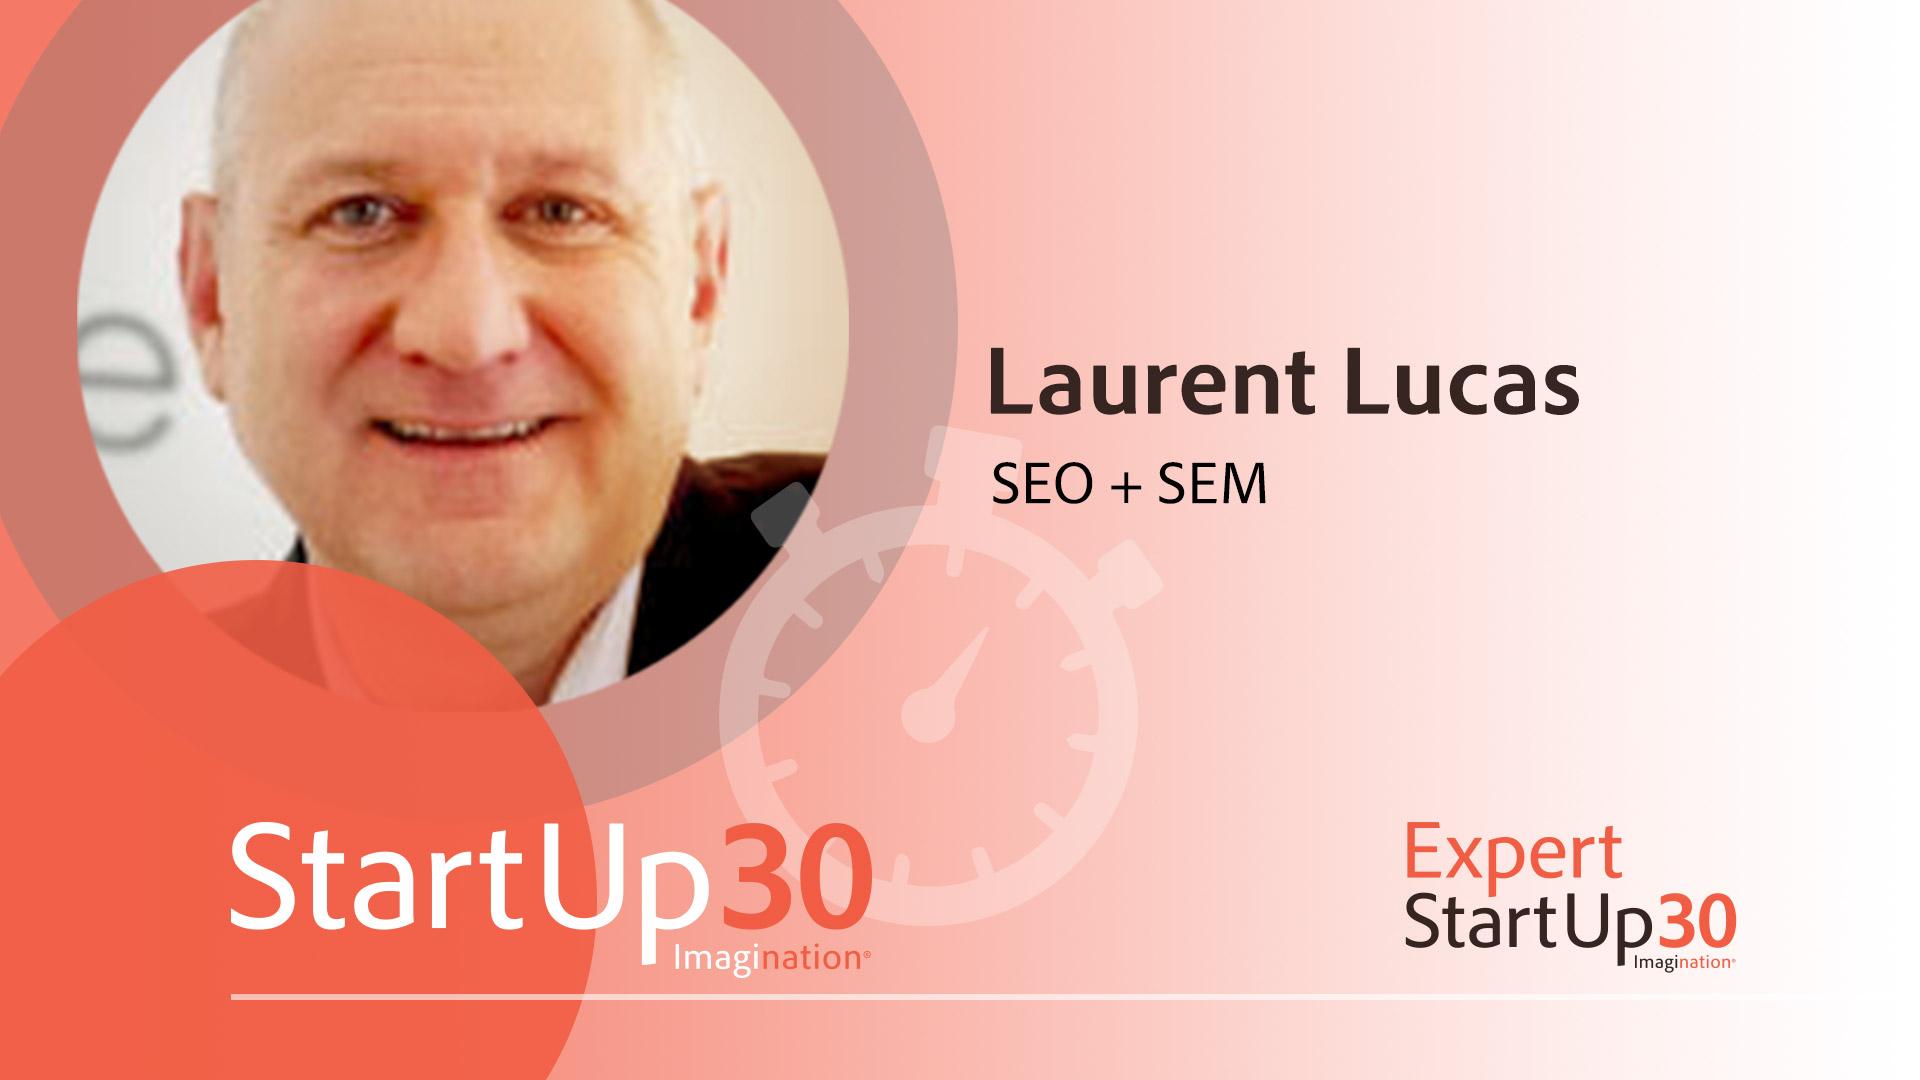 Laurent Lucas est l'expert SEO et SEM chez StartUp30.